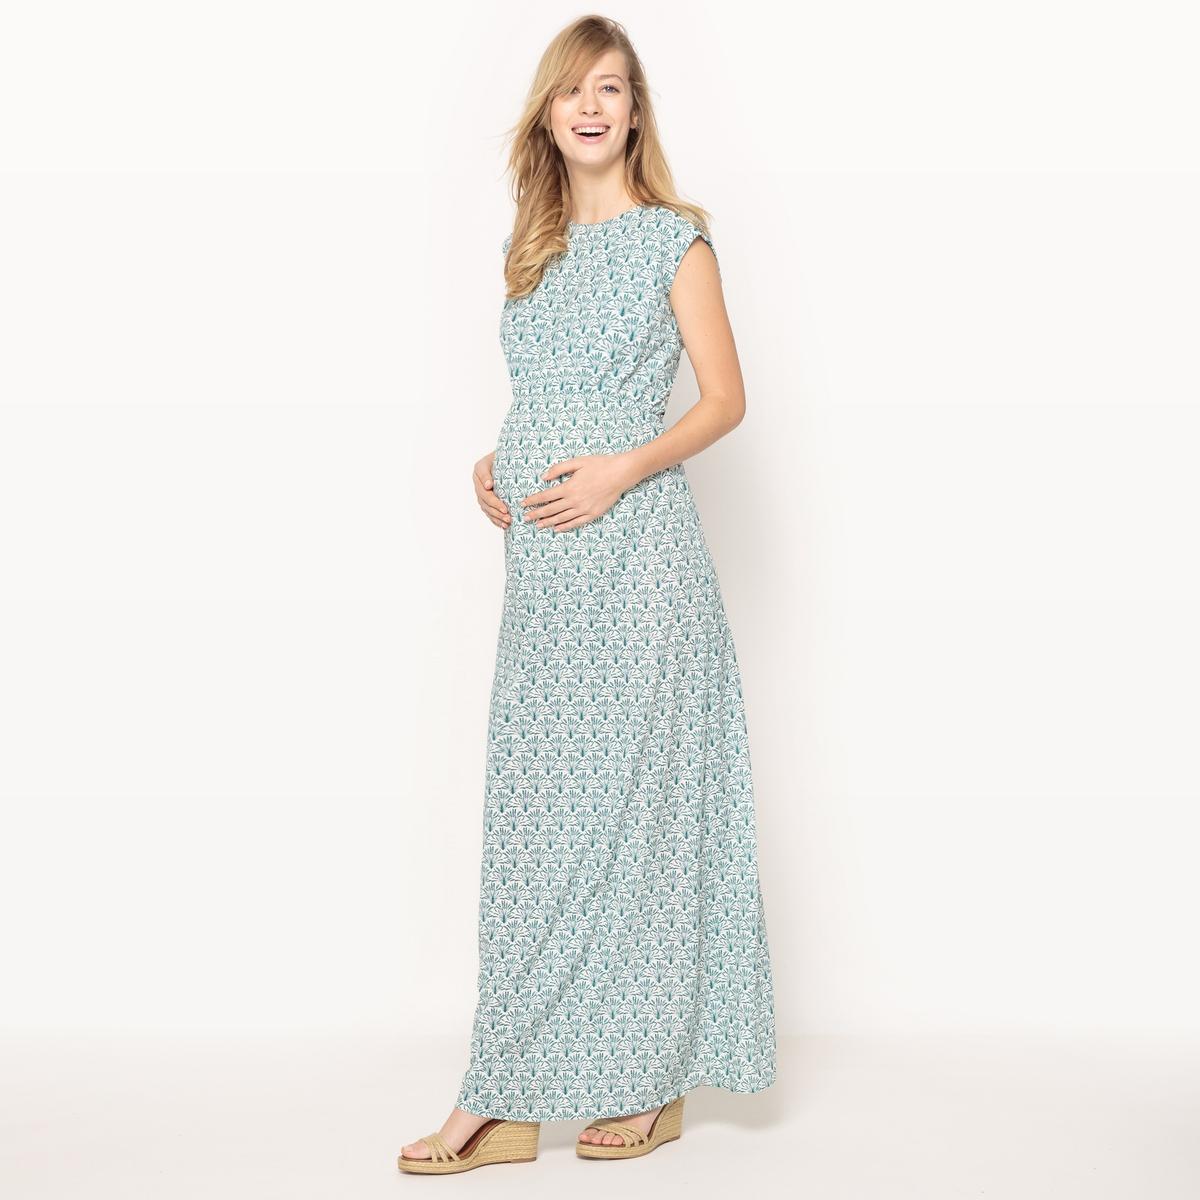 Платье длинное для периода беременности из вискозы, красивый бантик сзади